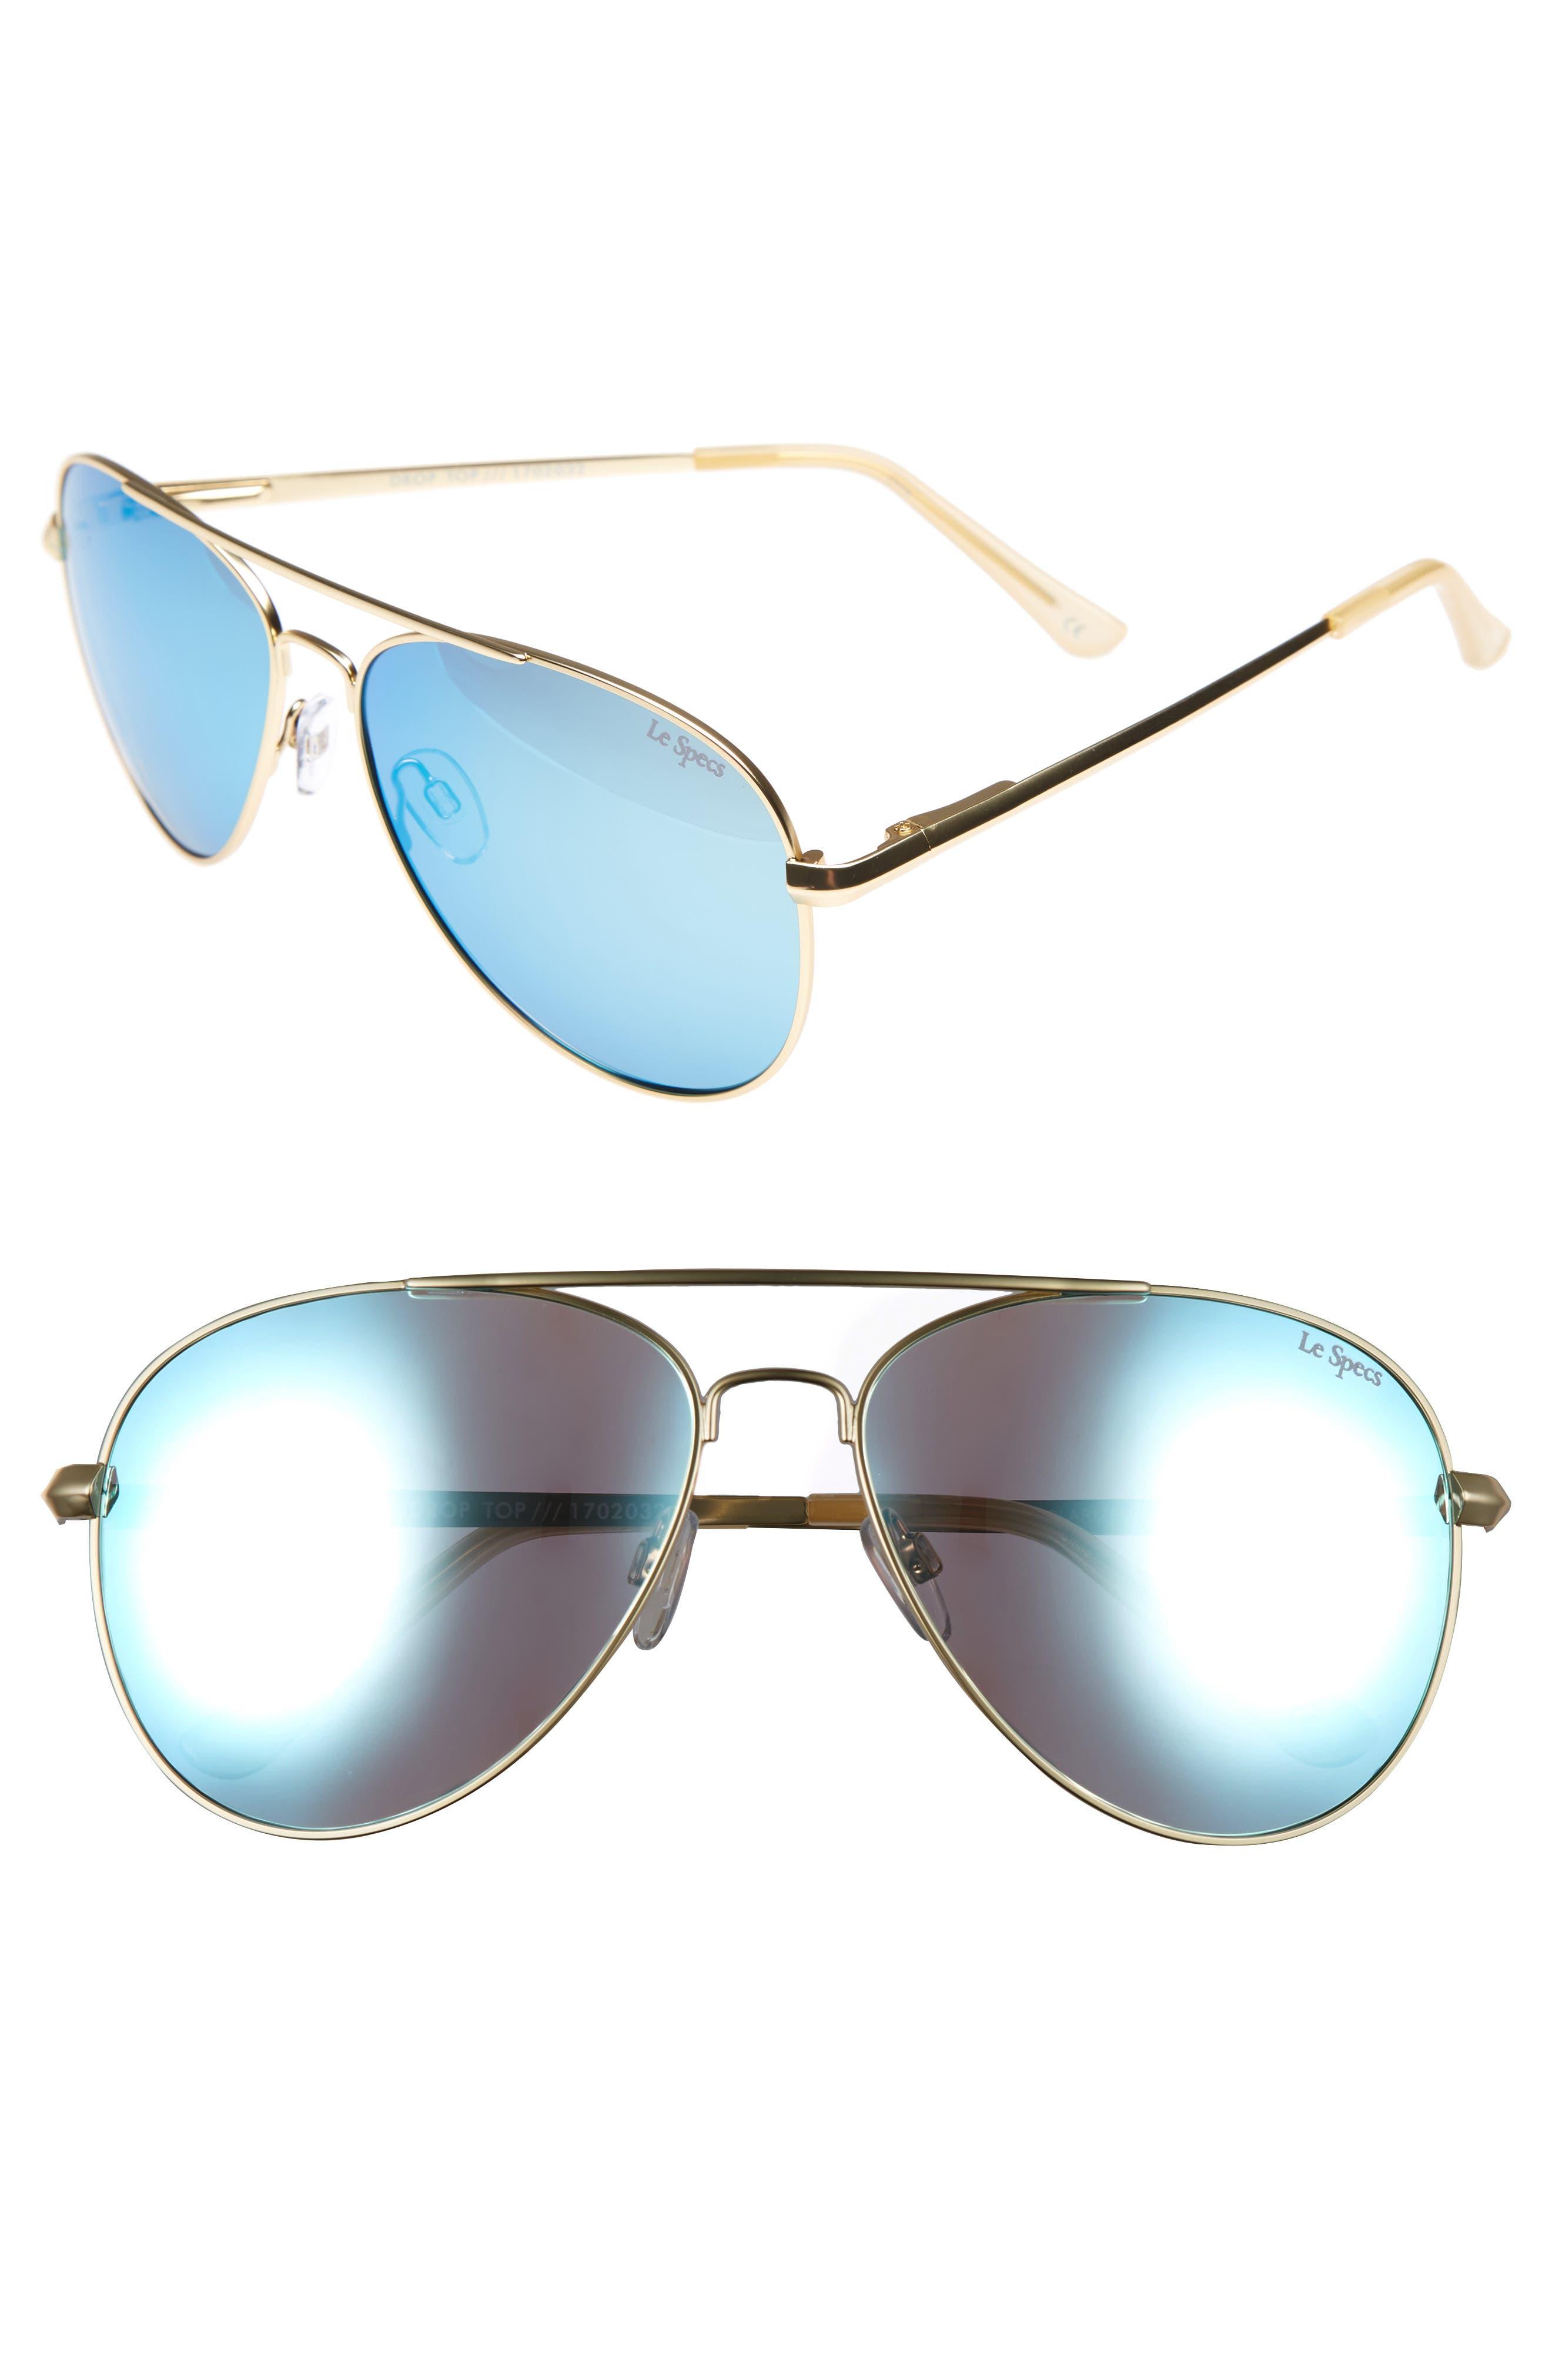 Le Specs Drop Top 60mm Polarized Aviator Sunglasses